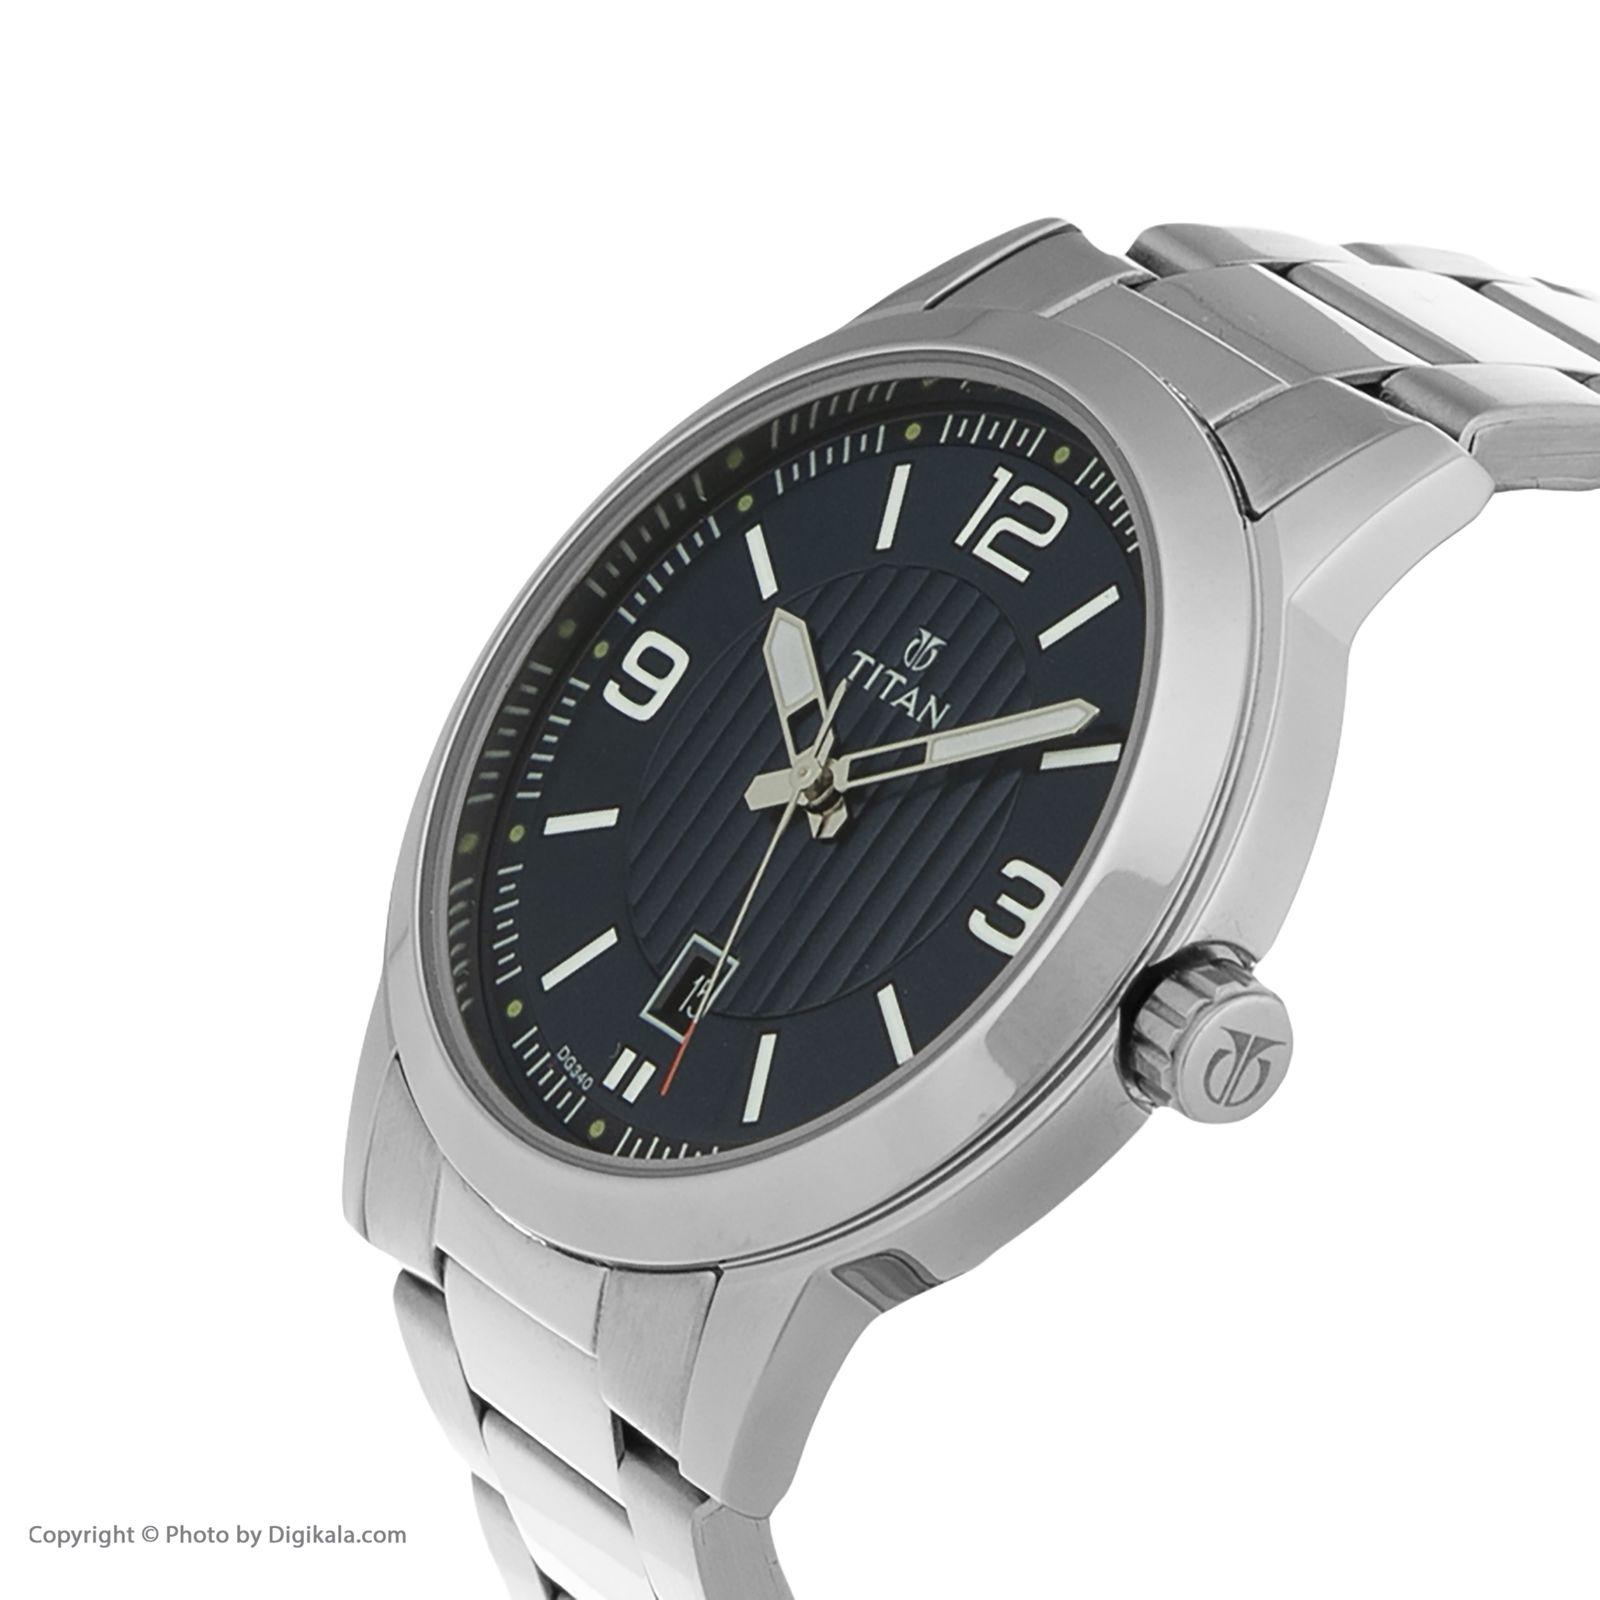 ساعت مچی عقربه ای مردانه تیتان مدل T1730SM03 -  - 4